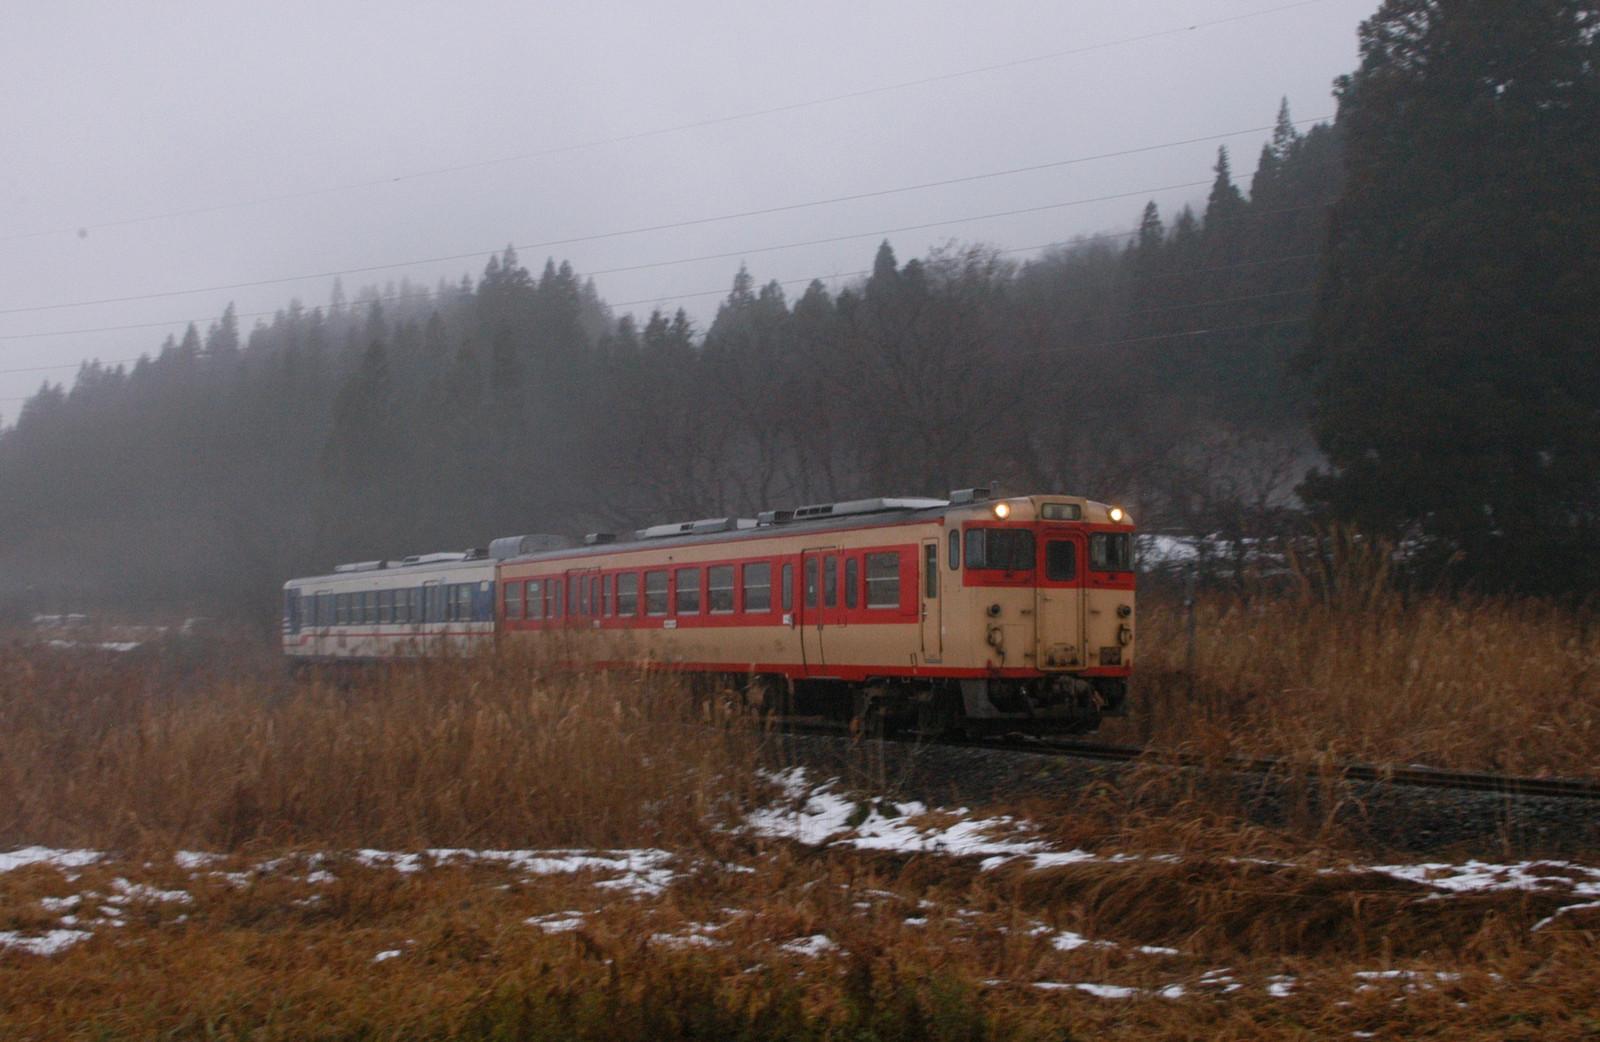 Dsc_5910